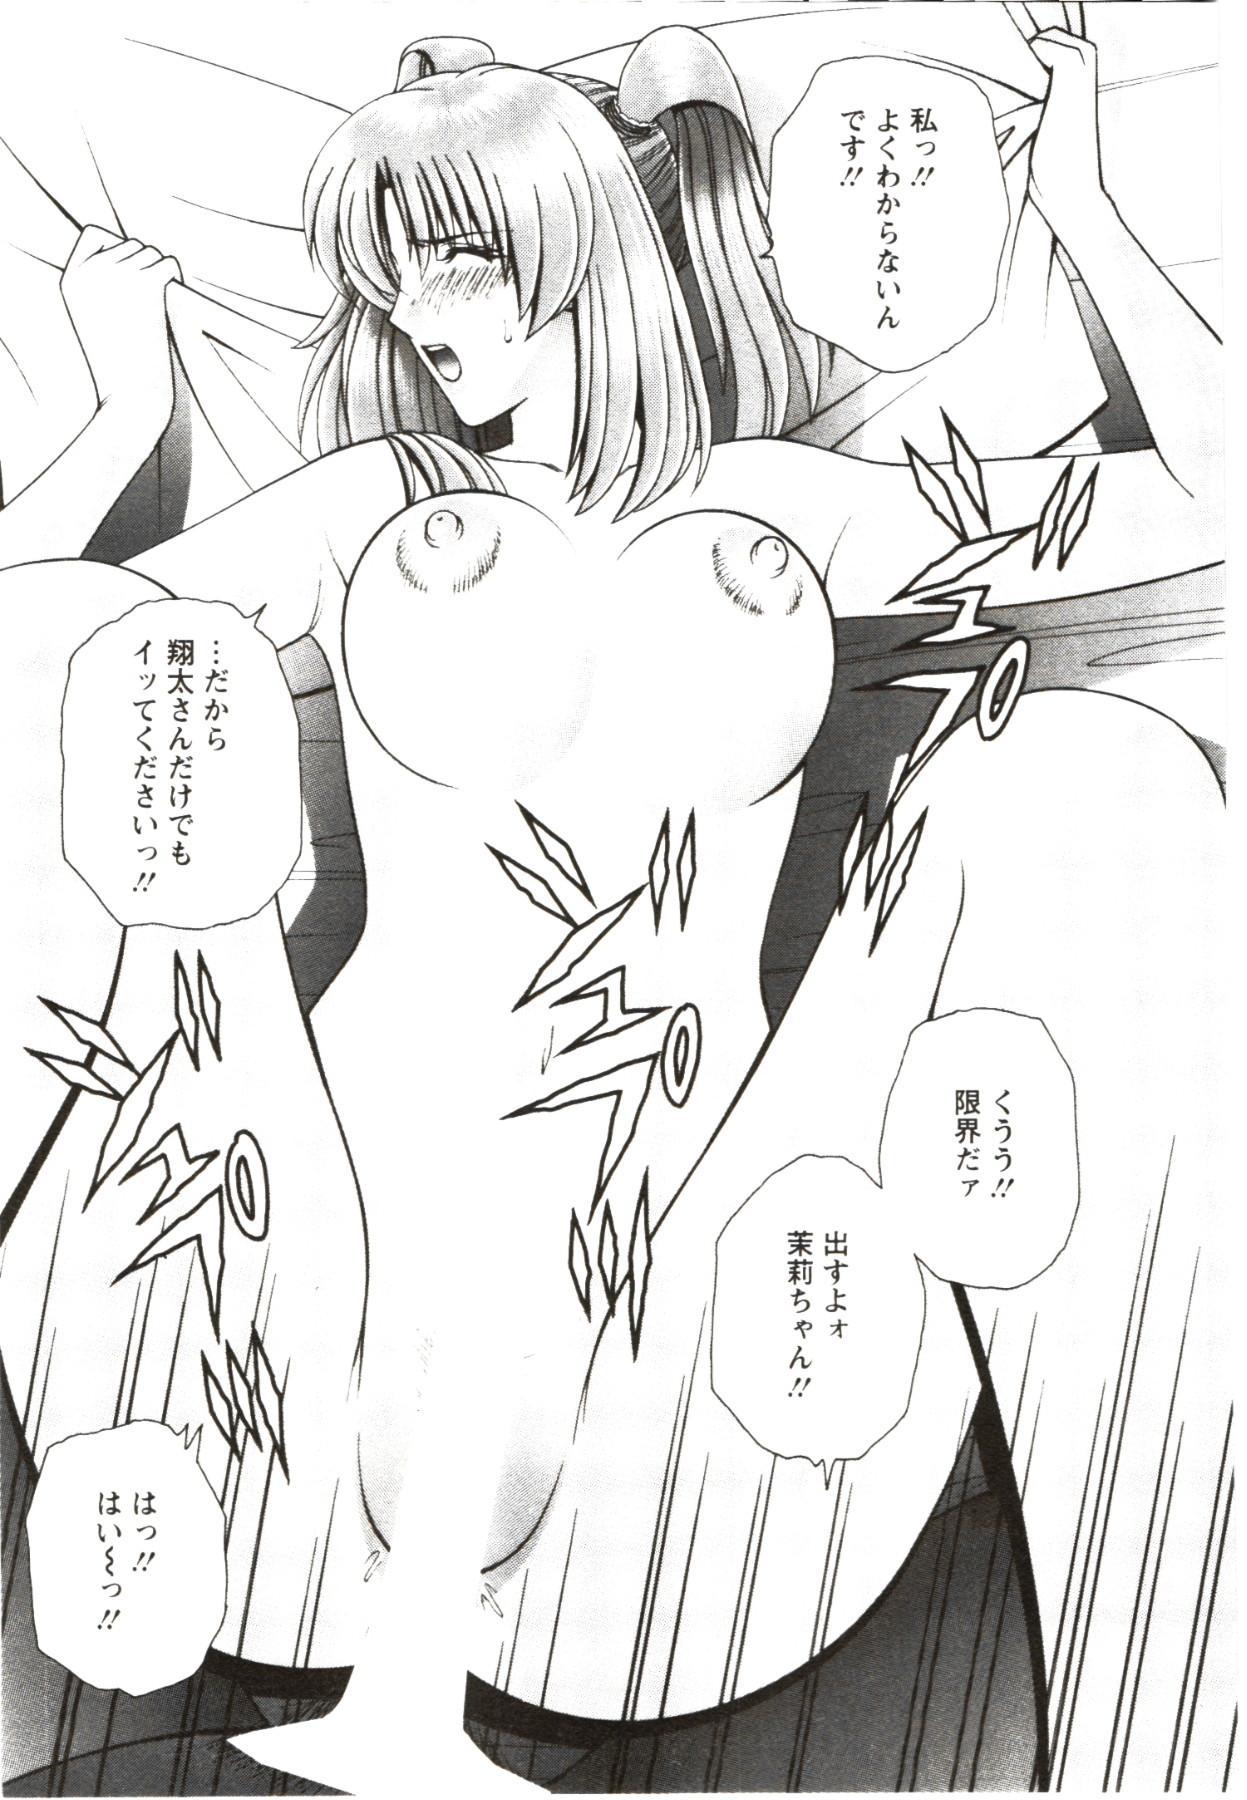 Futarigurashi 110